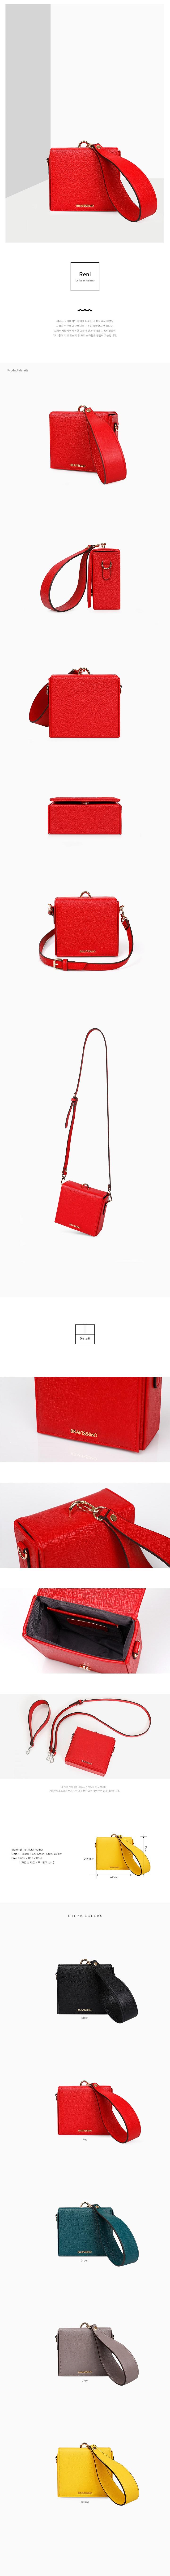 red_720.jpg